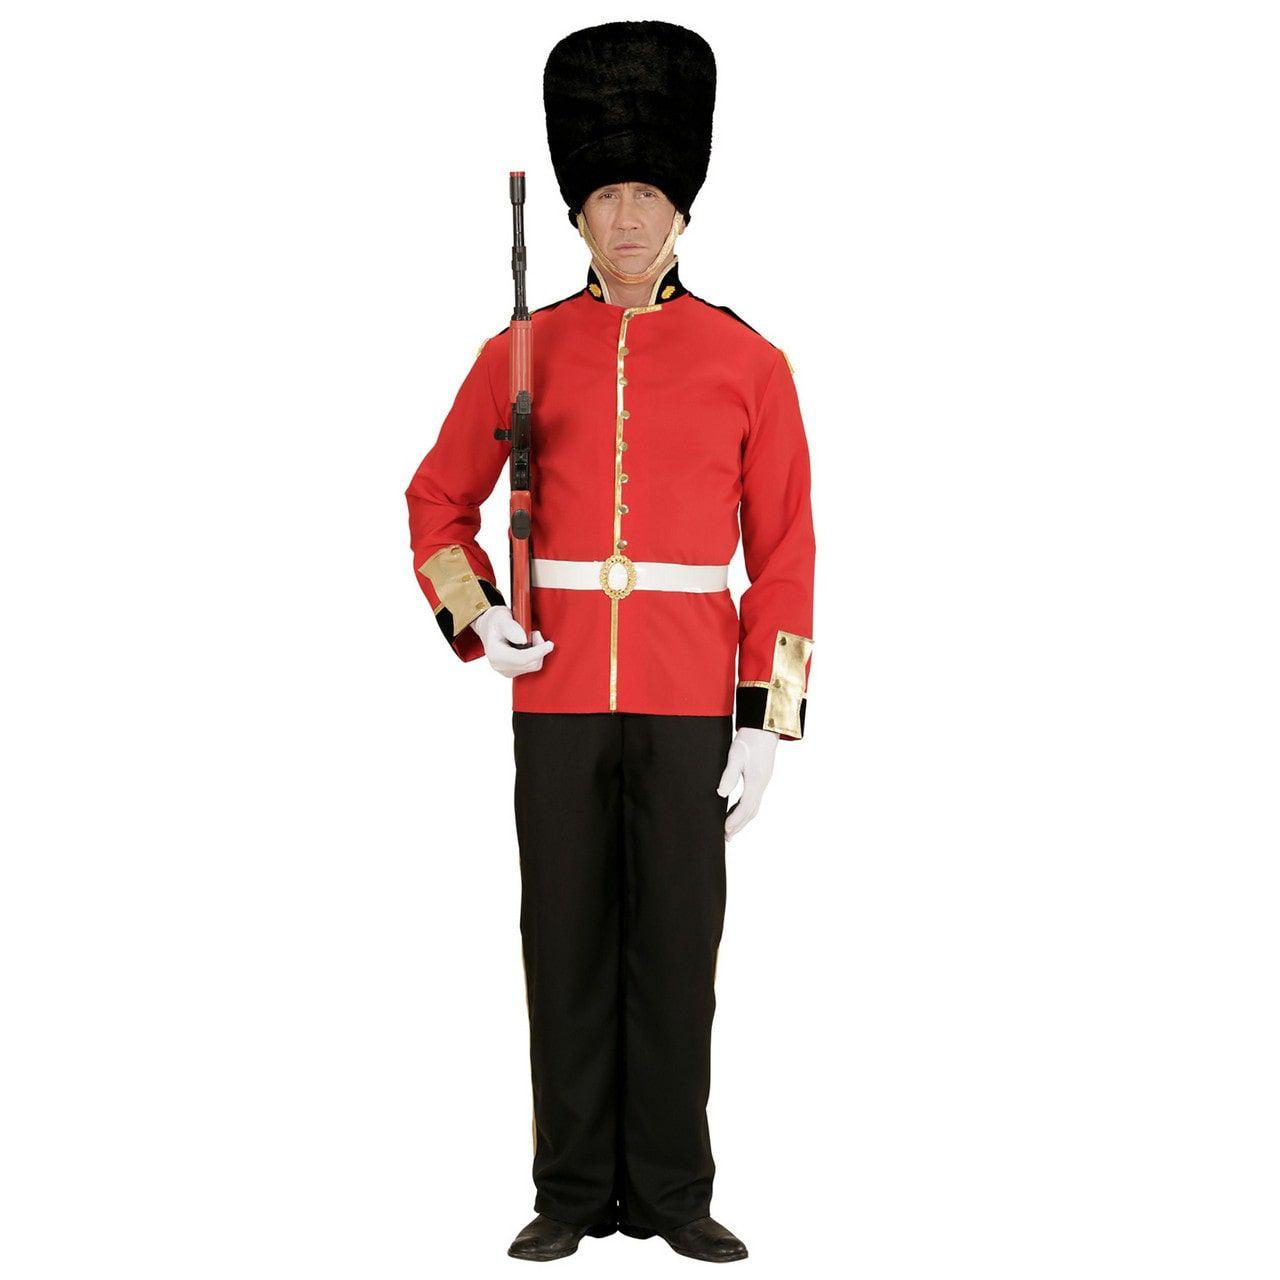 Beefeater Royal Guard Man Kostuum